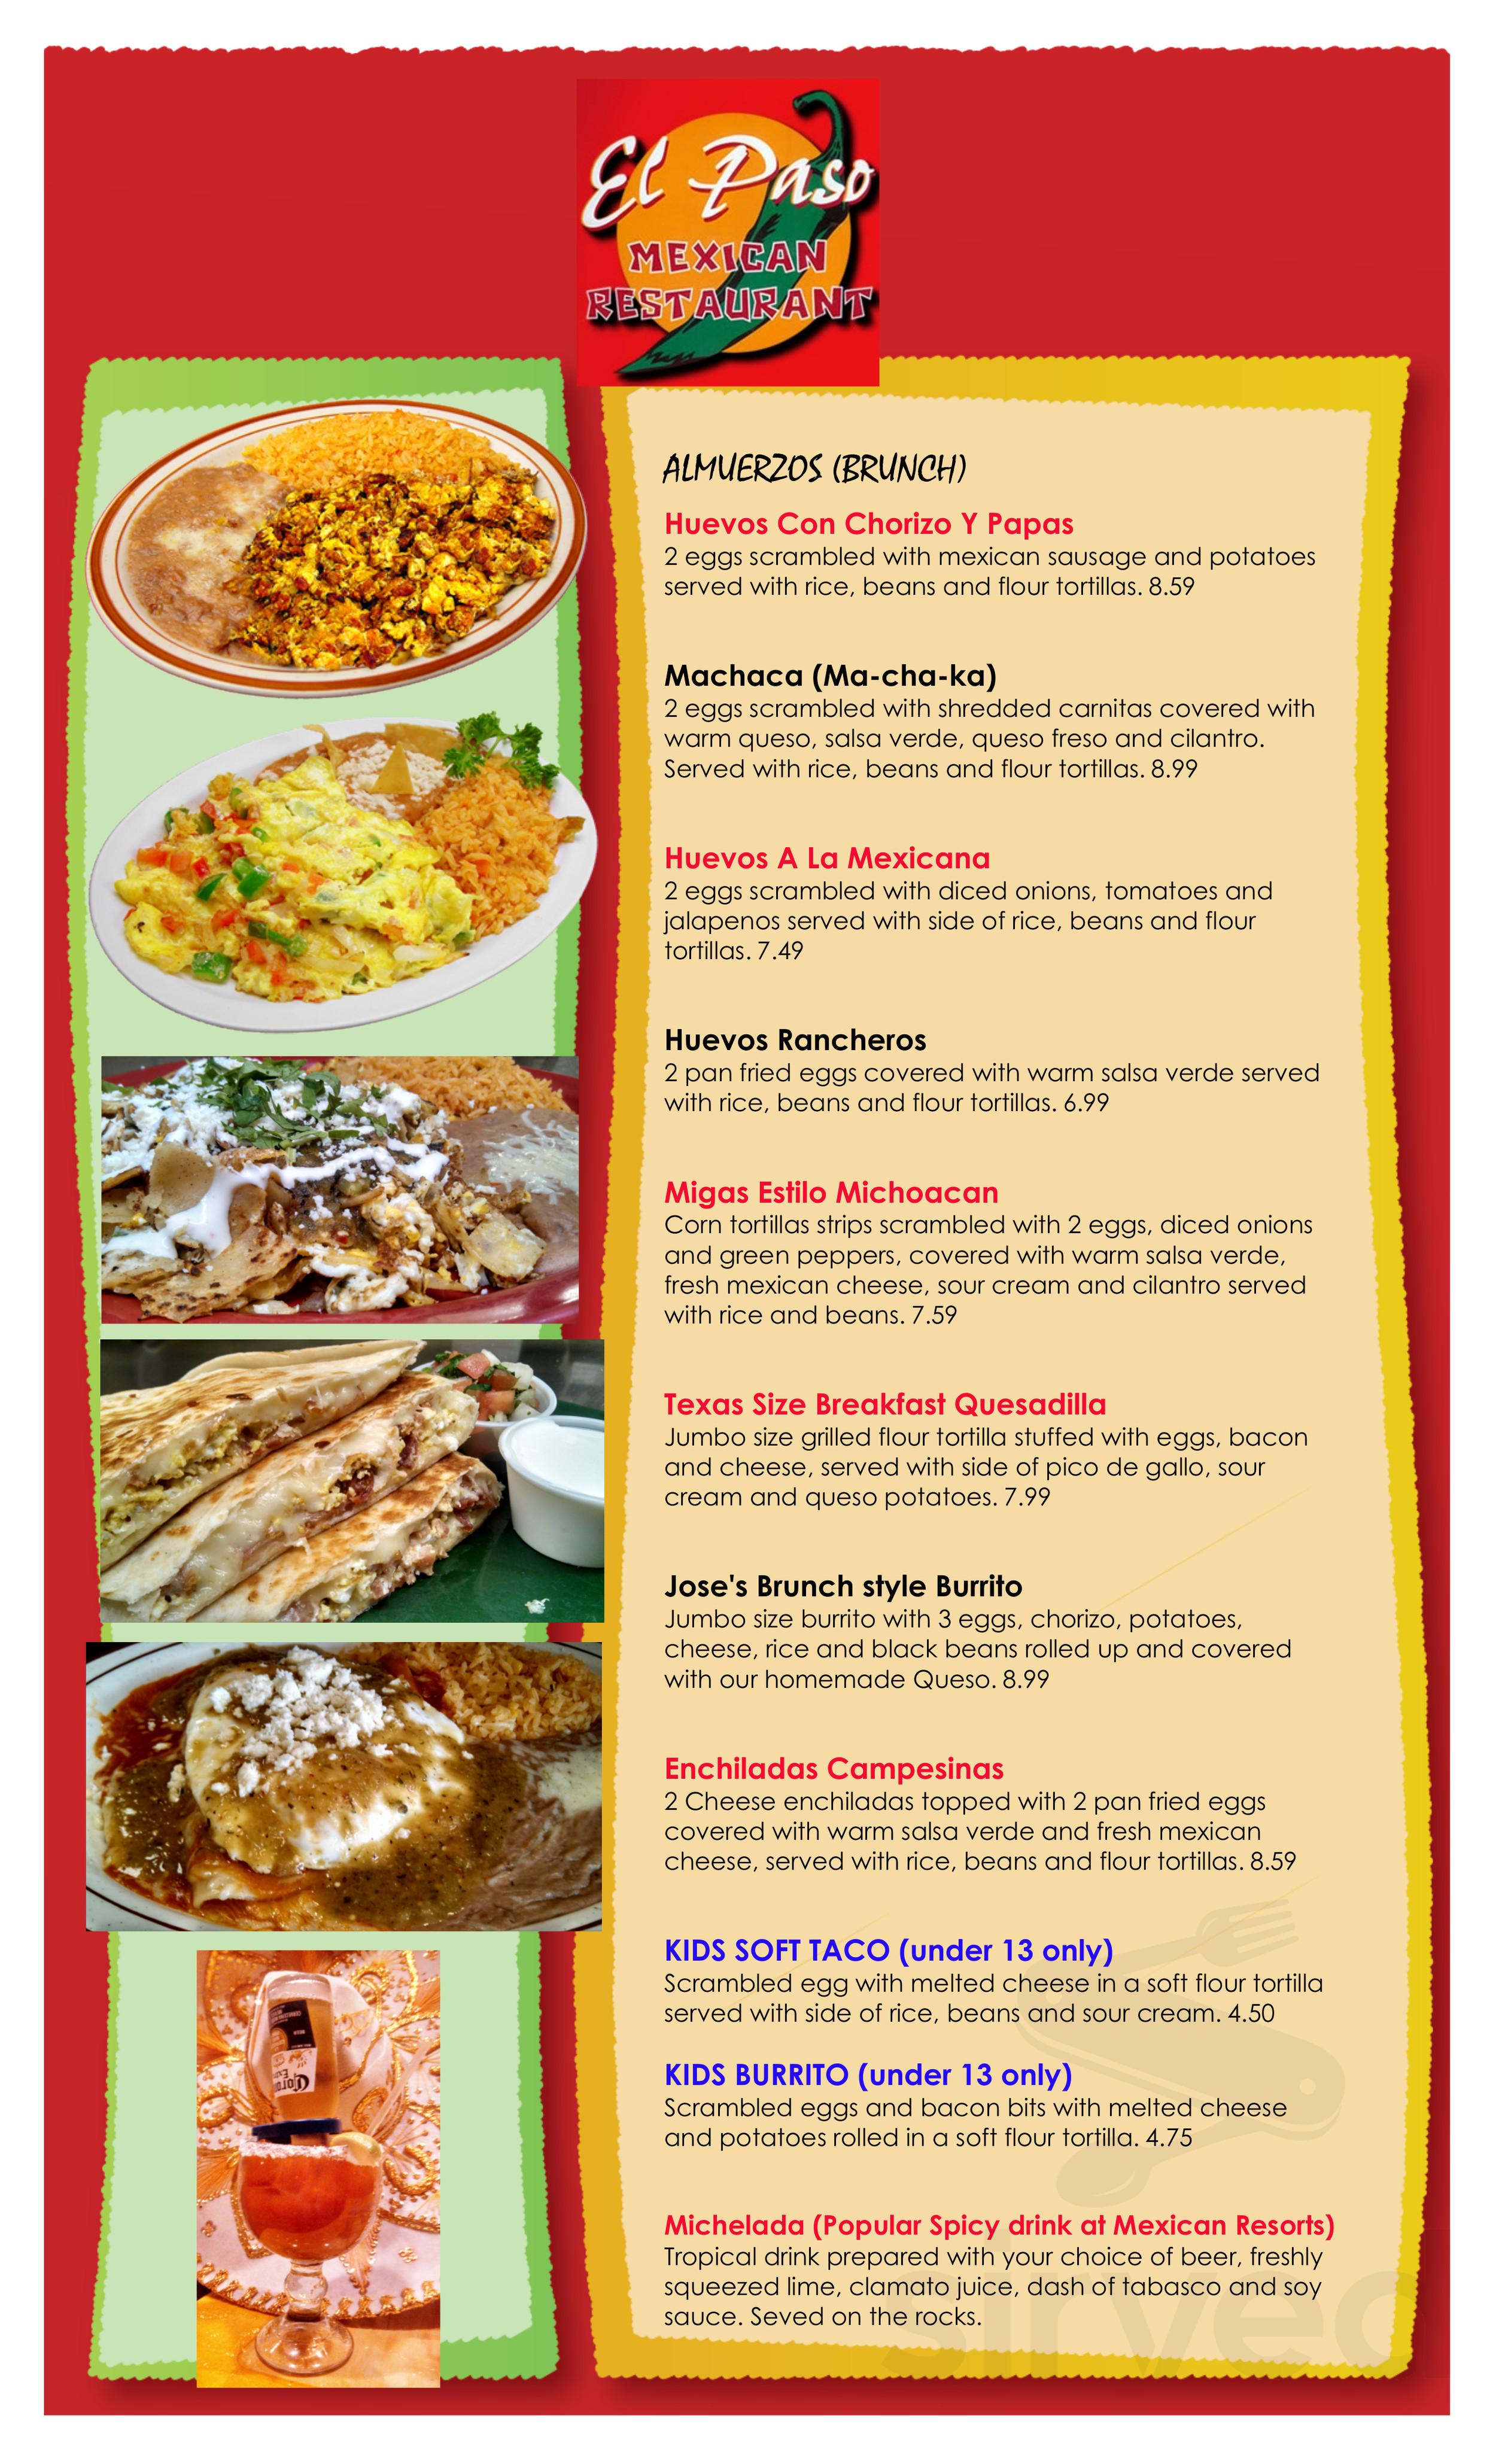 Menu For El Paso Mexican Restaurant In Springfield Virginia